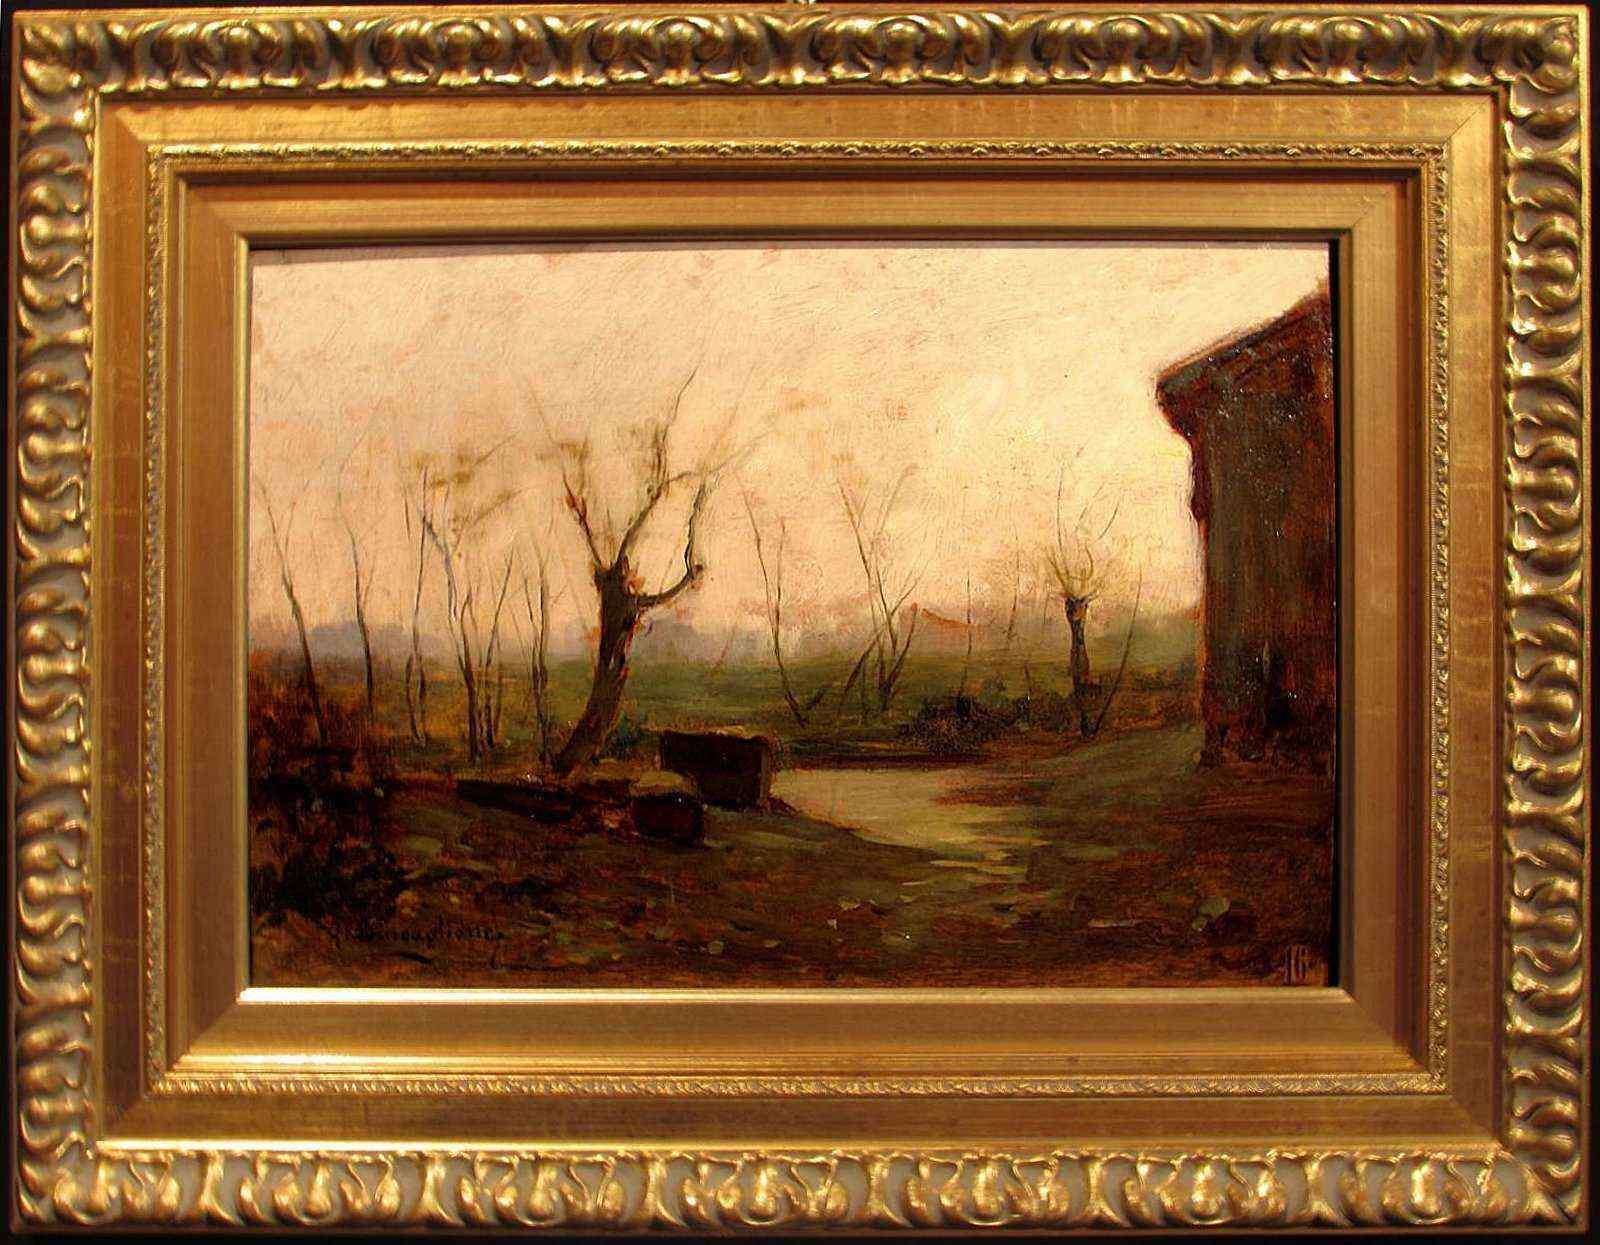 Paesaggio,G.Buscaglione (1868-1928),Torino